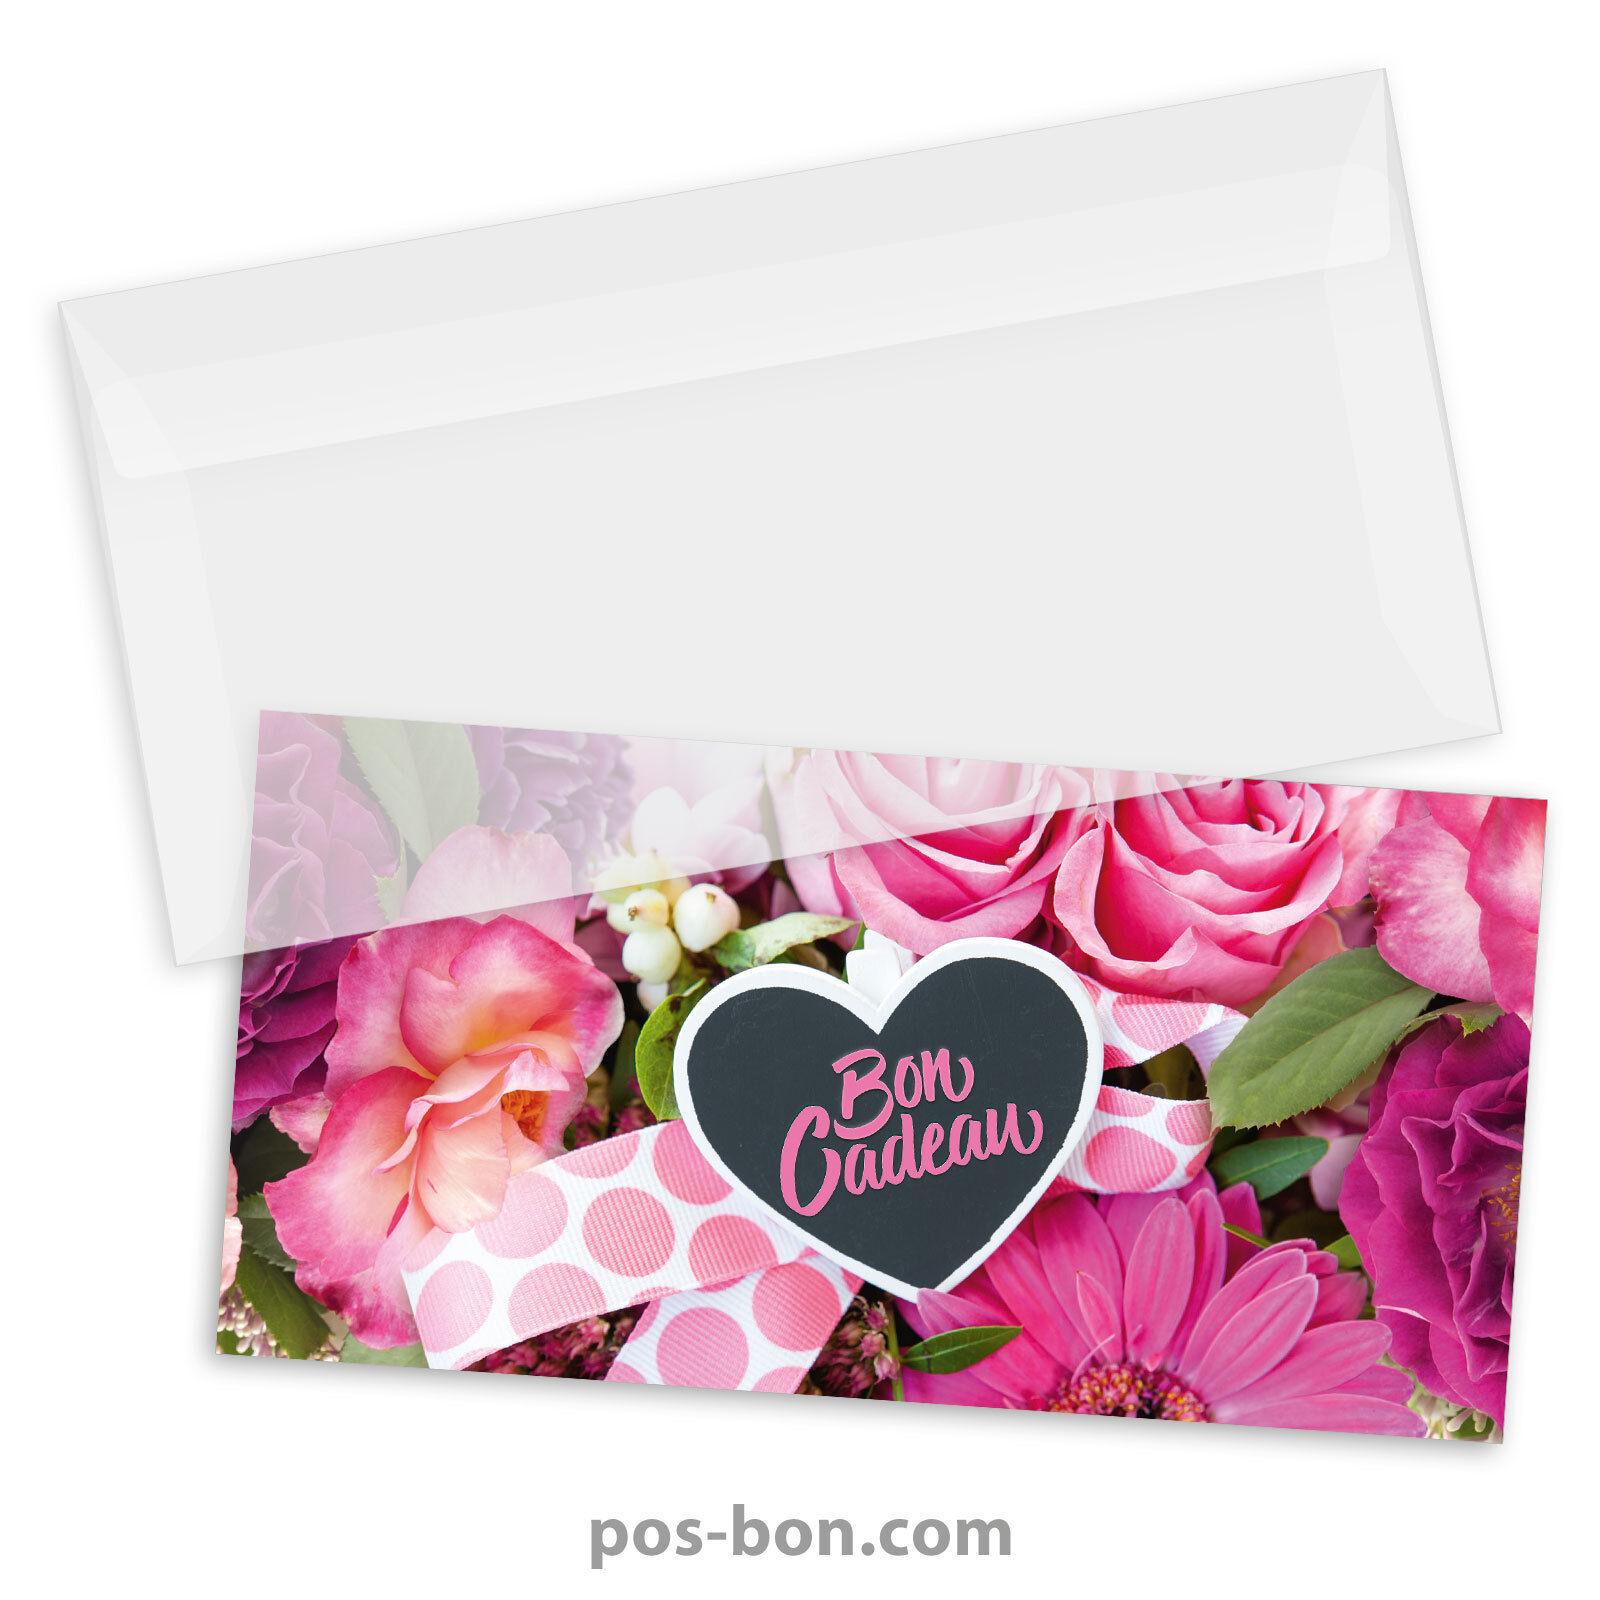 Bons cadeaux universels  enveloppes pour toutes occasions, fleurs BL9244F   Vielfalt    Neuer Eintrag